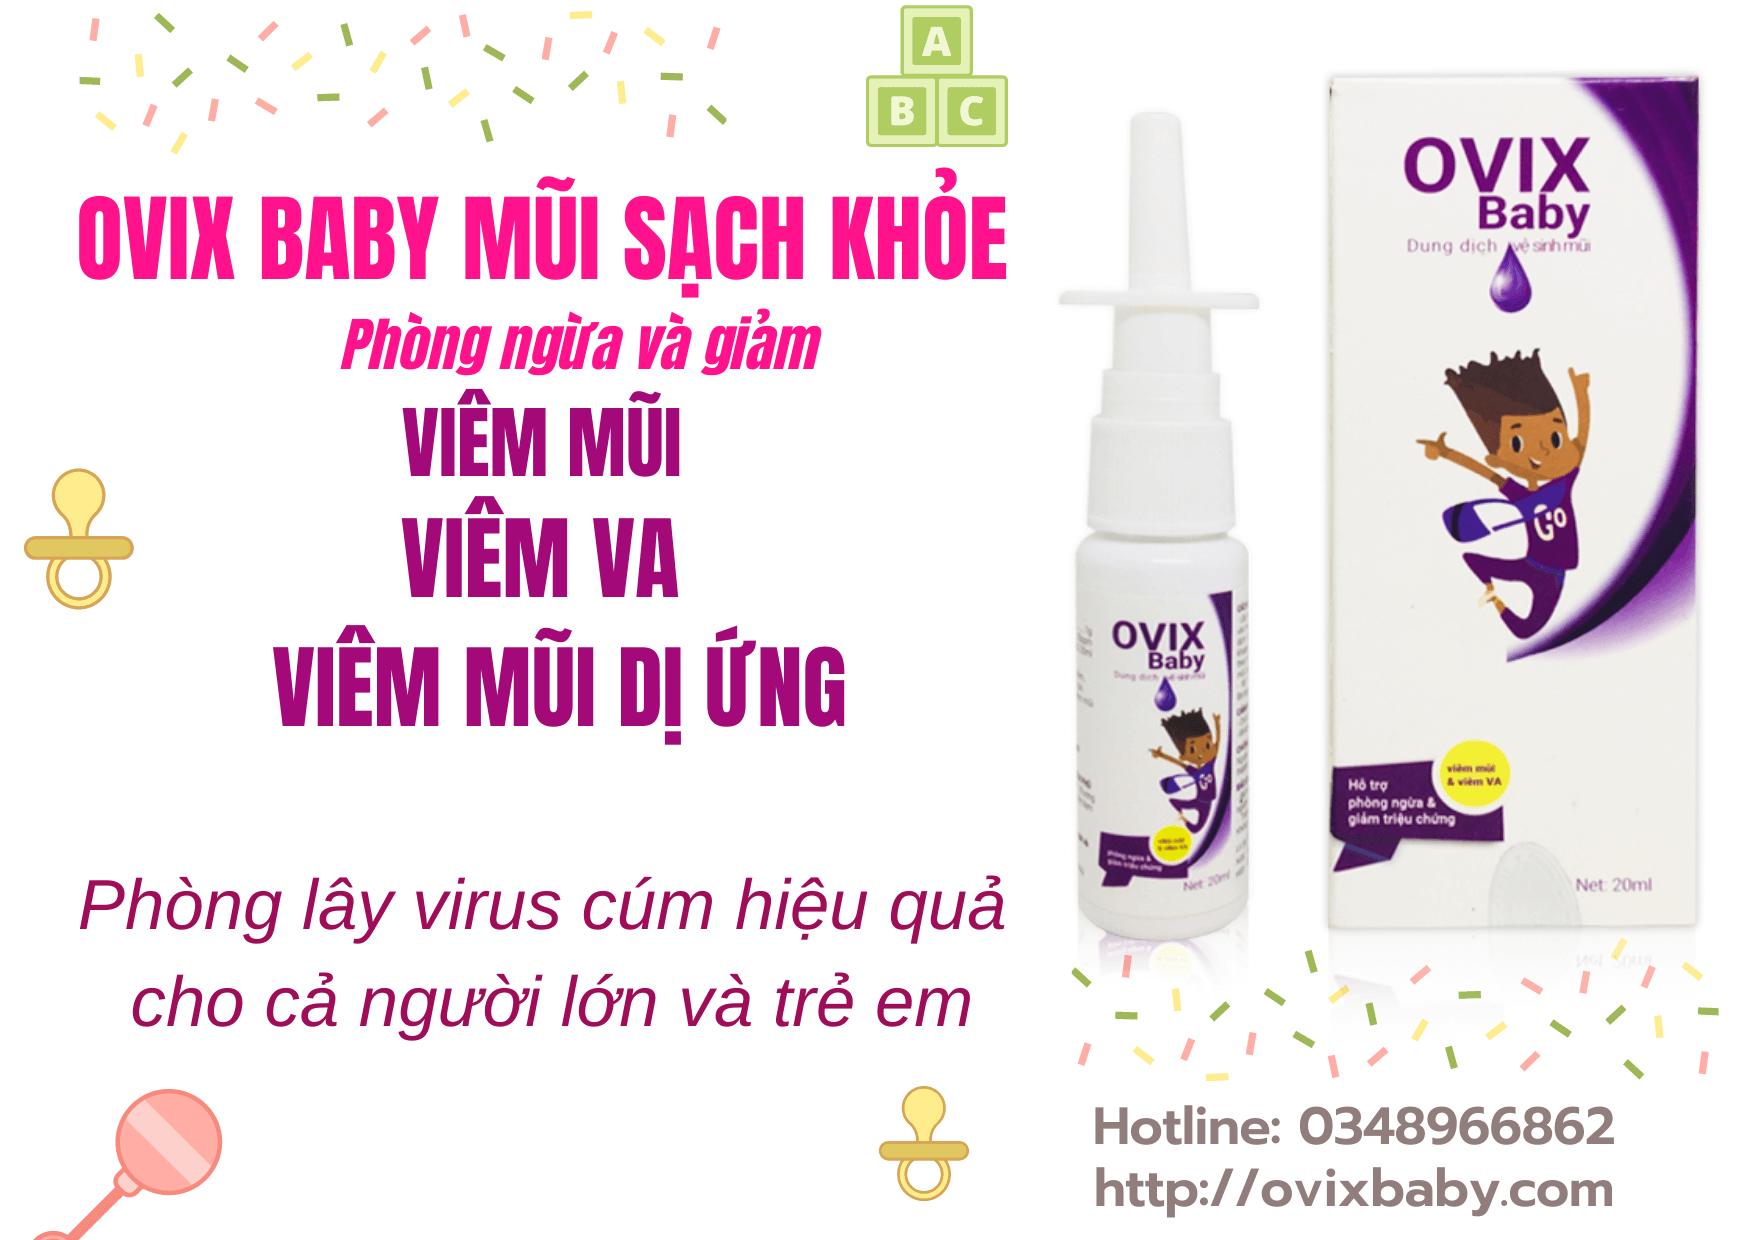 Ovix baby xịt mũi sạch khỏe phòng lây virus cúm hiệu quả giảm viêm mũi viêm VA